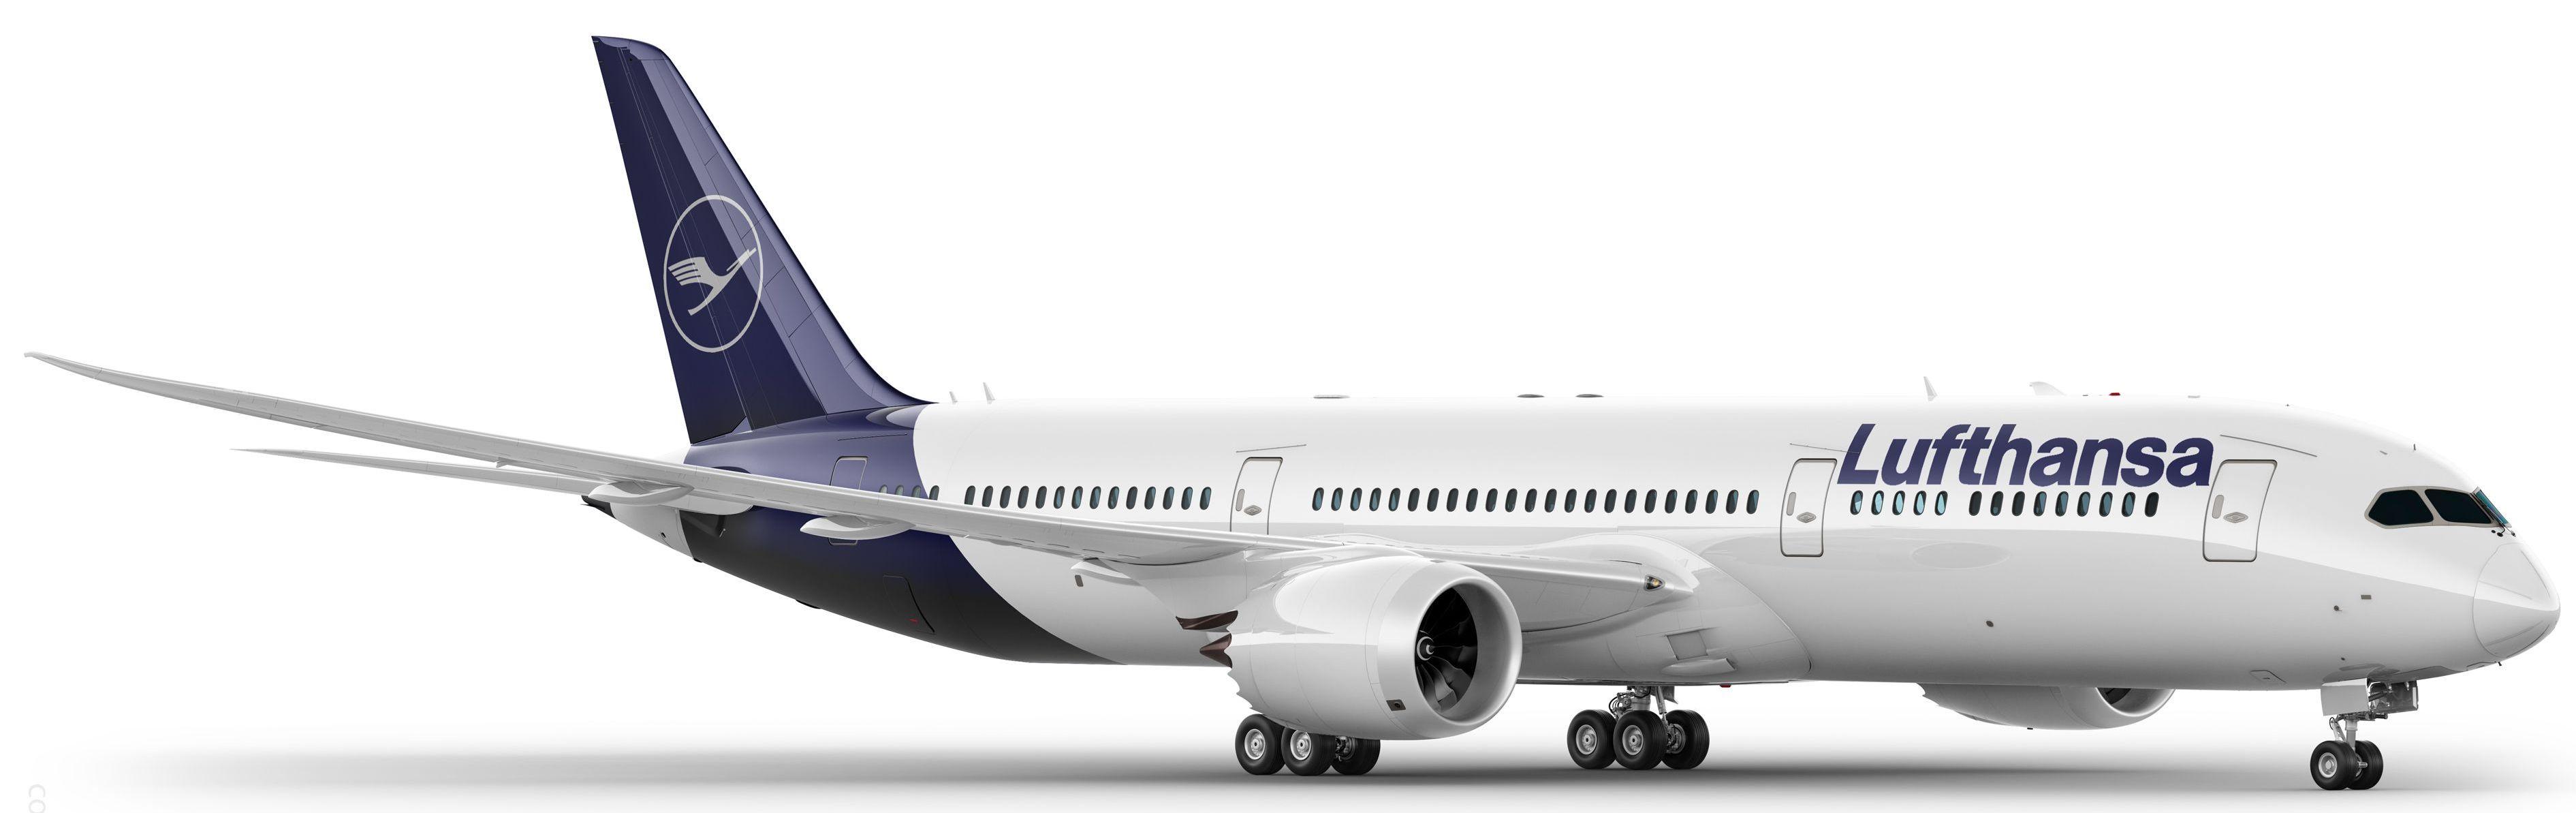 AW-Lufthansa_Boeing 787-9003